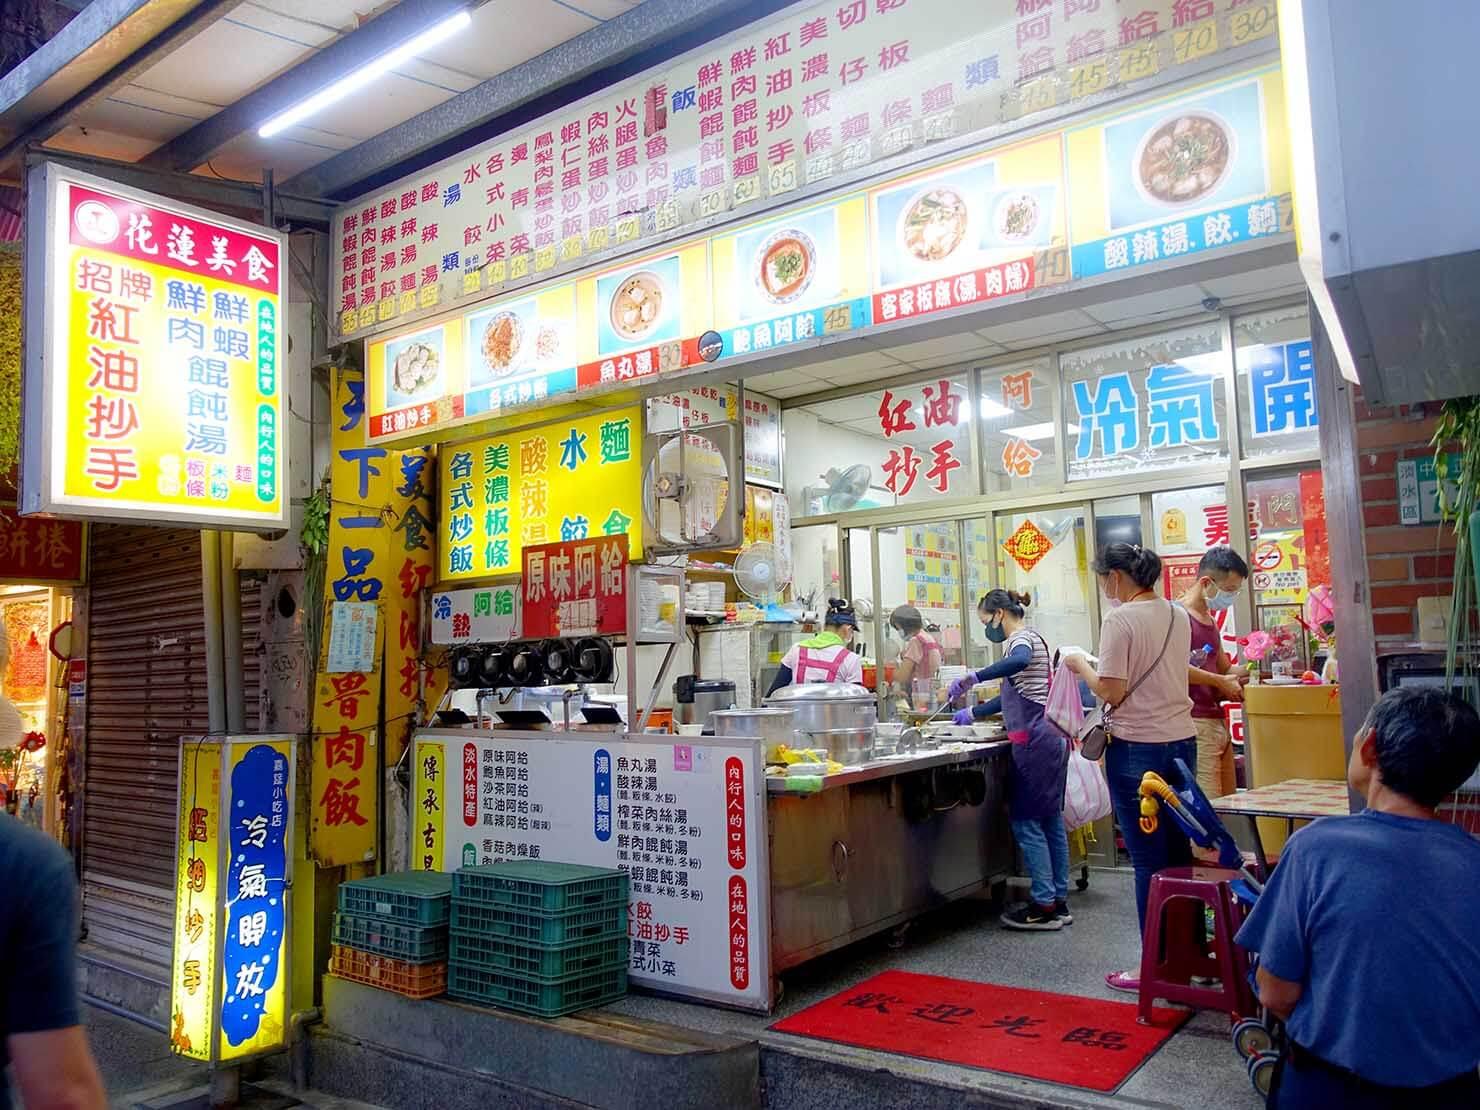 台北・淡水老街のおすすめグルメ店「嘉筵小吃店」の外観